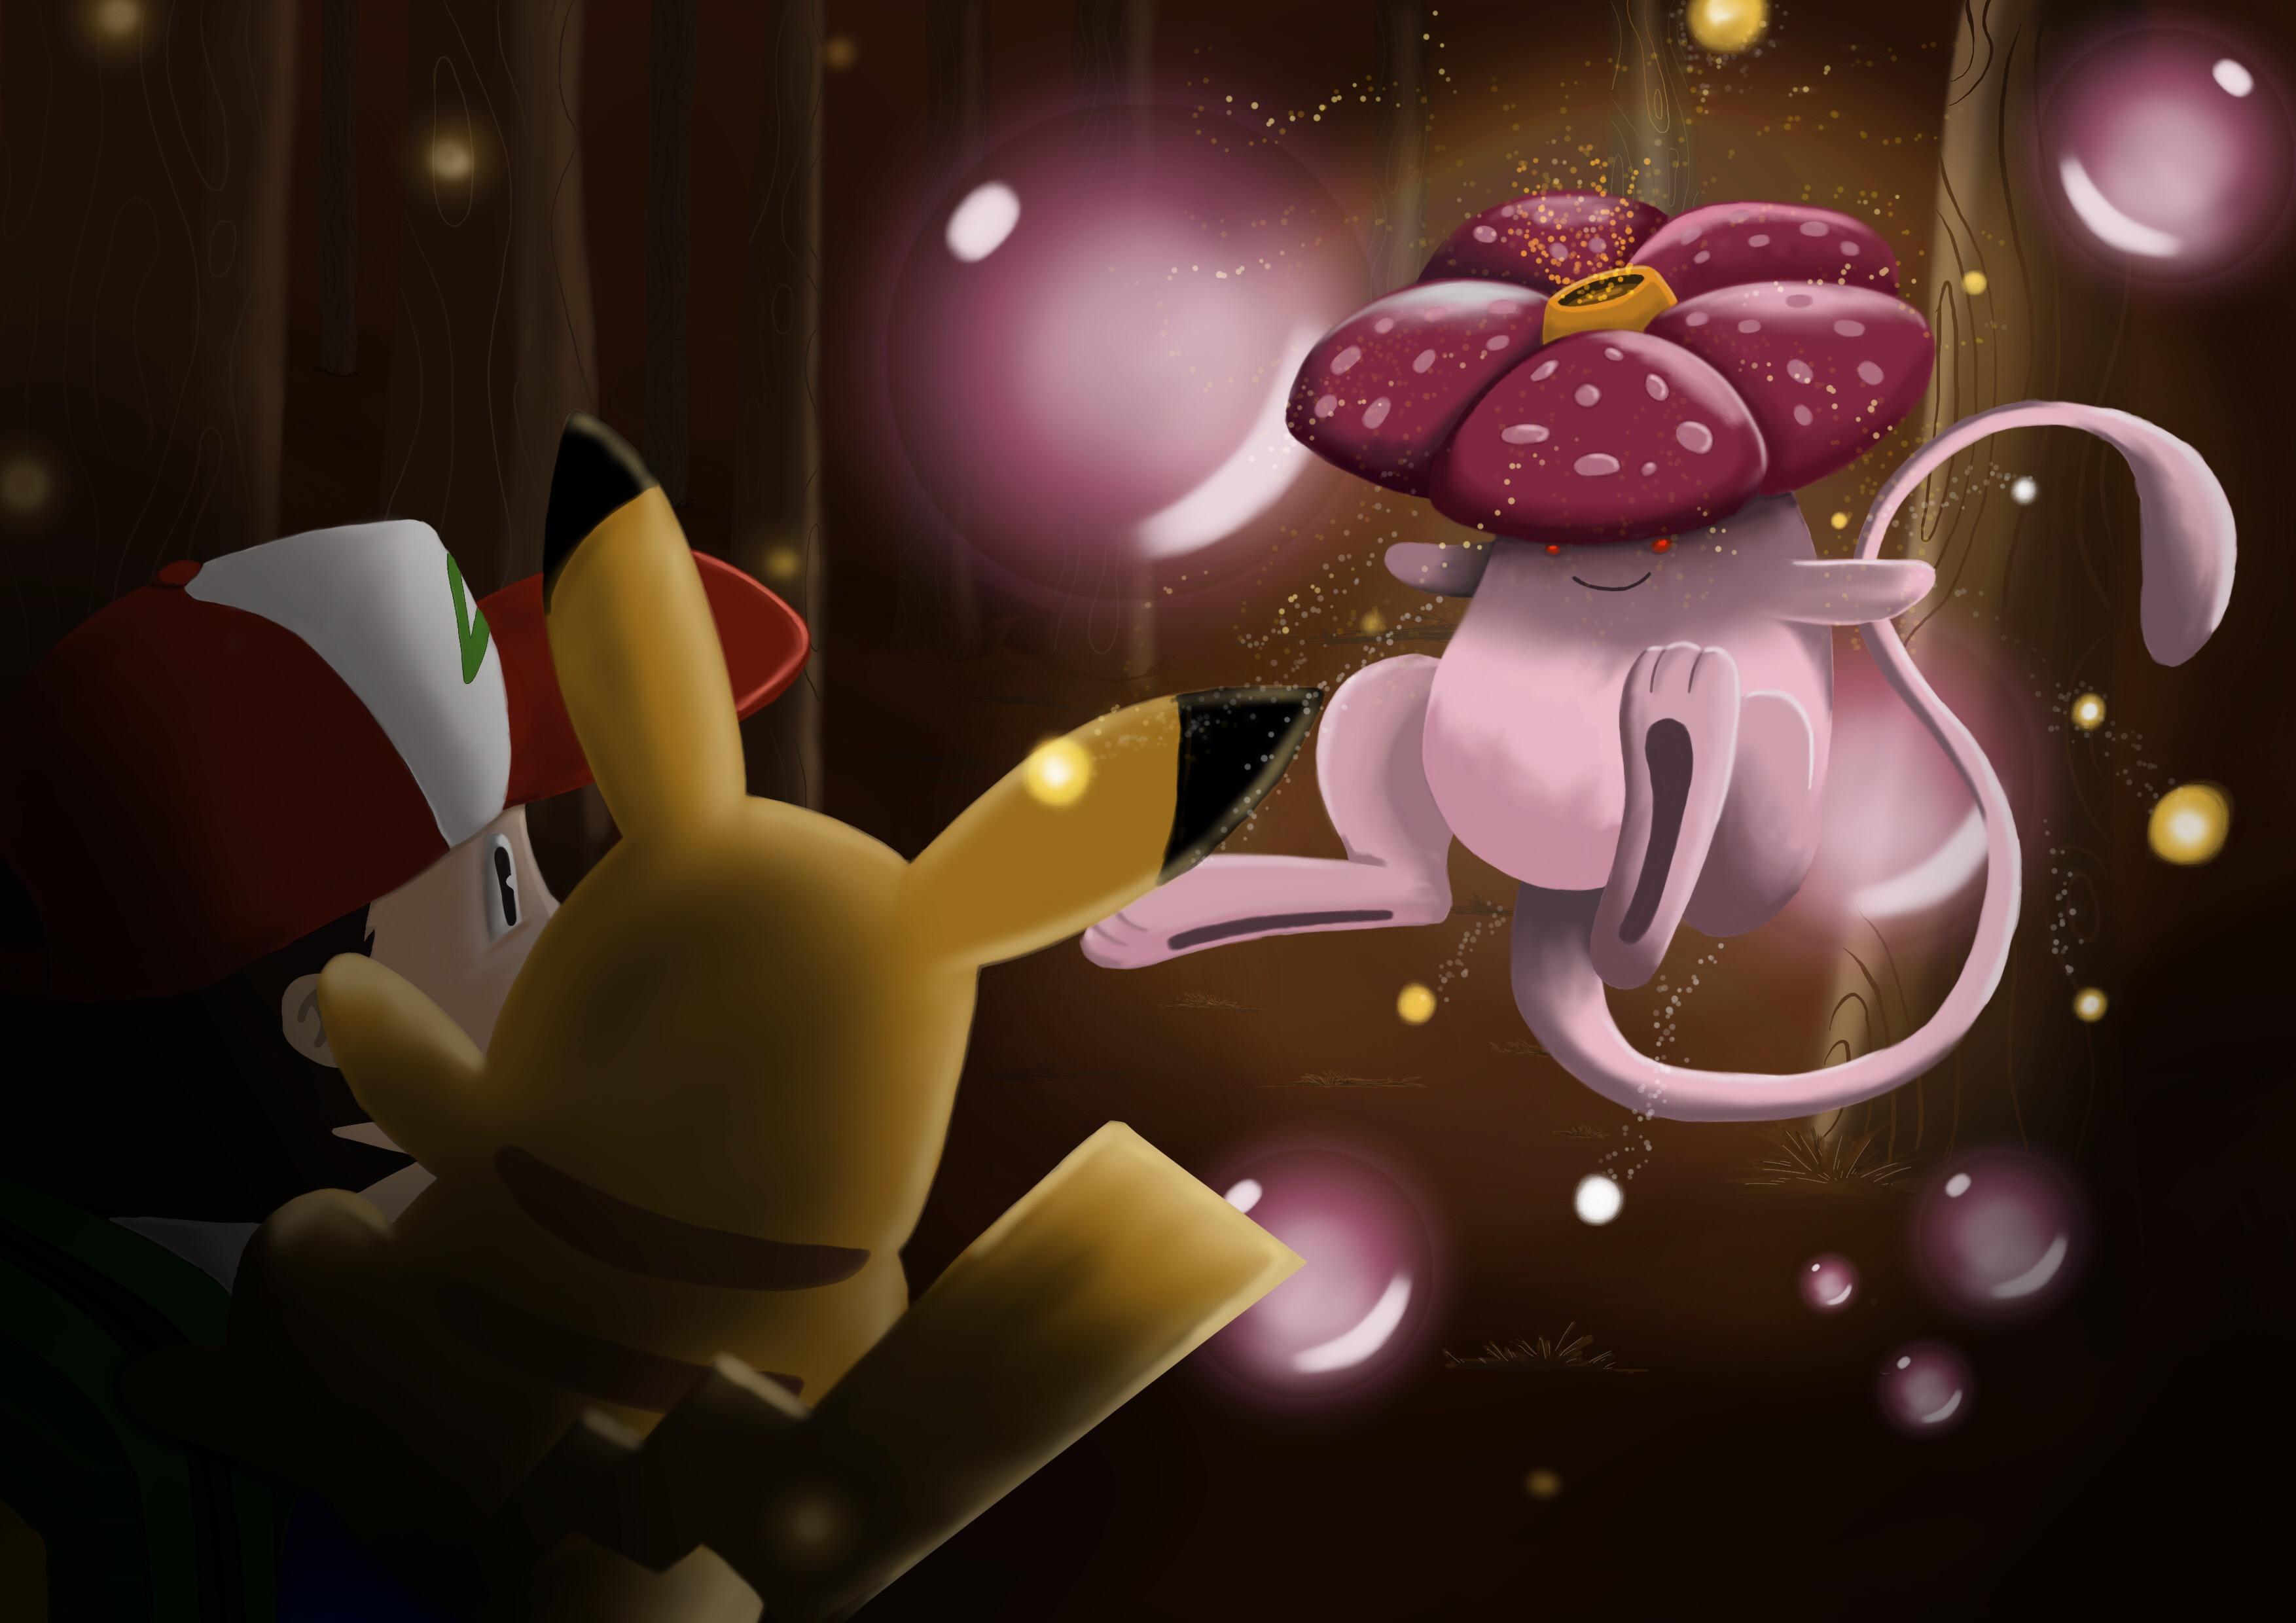 Vileplume + Mew = Vileplumew